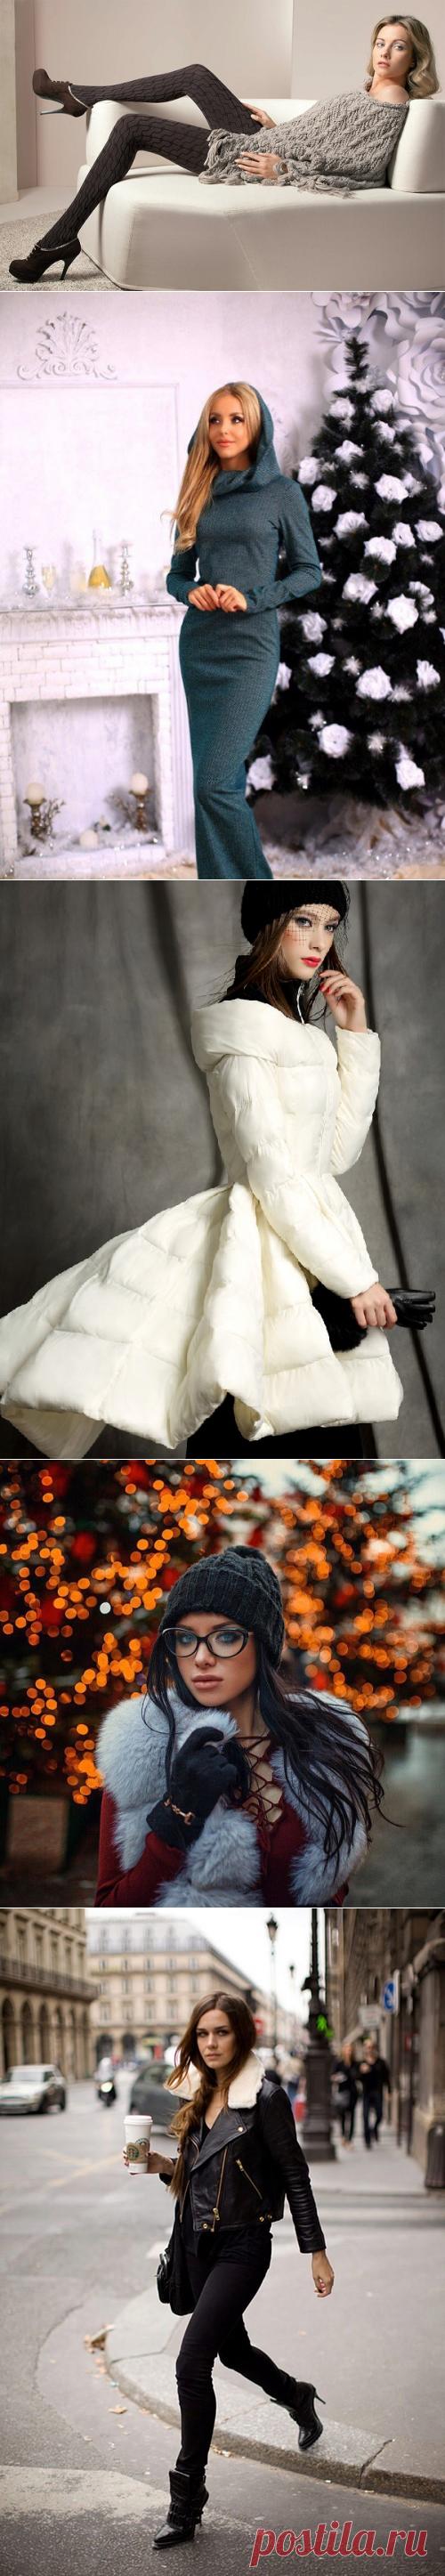 Каким должен быть модный зимний гардероб 2018-2019: фото, советы, модные тренды